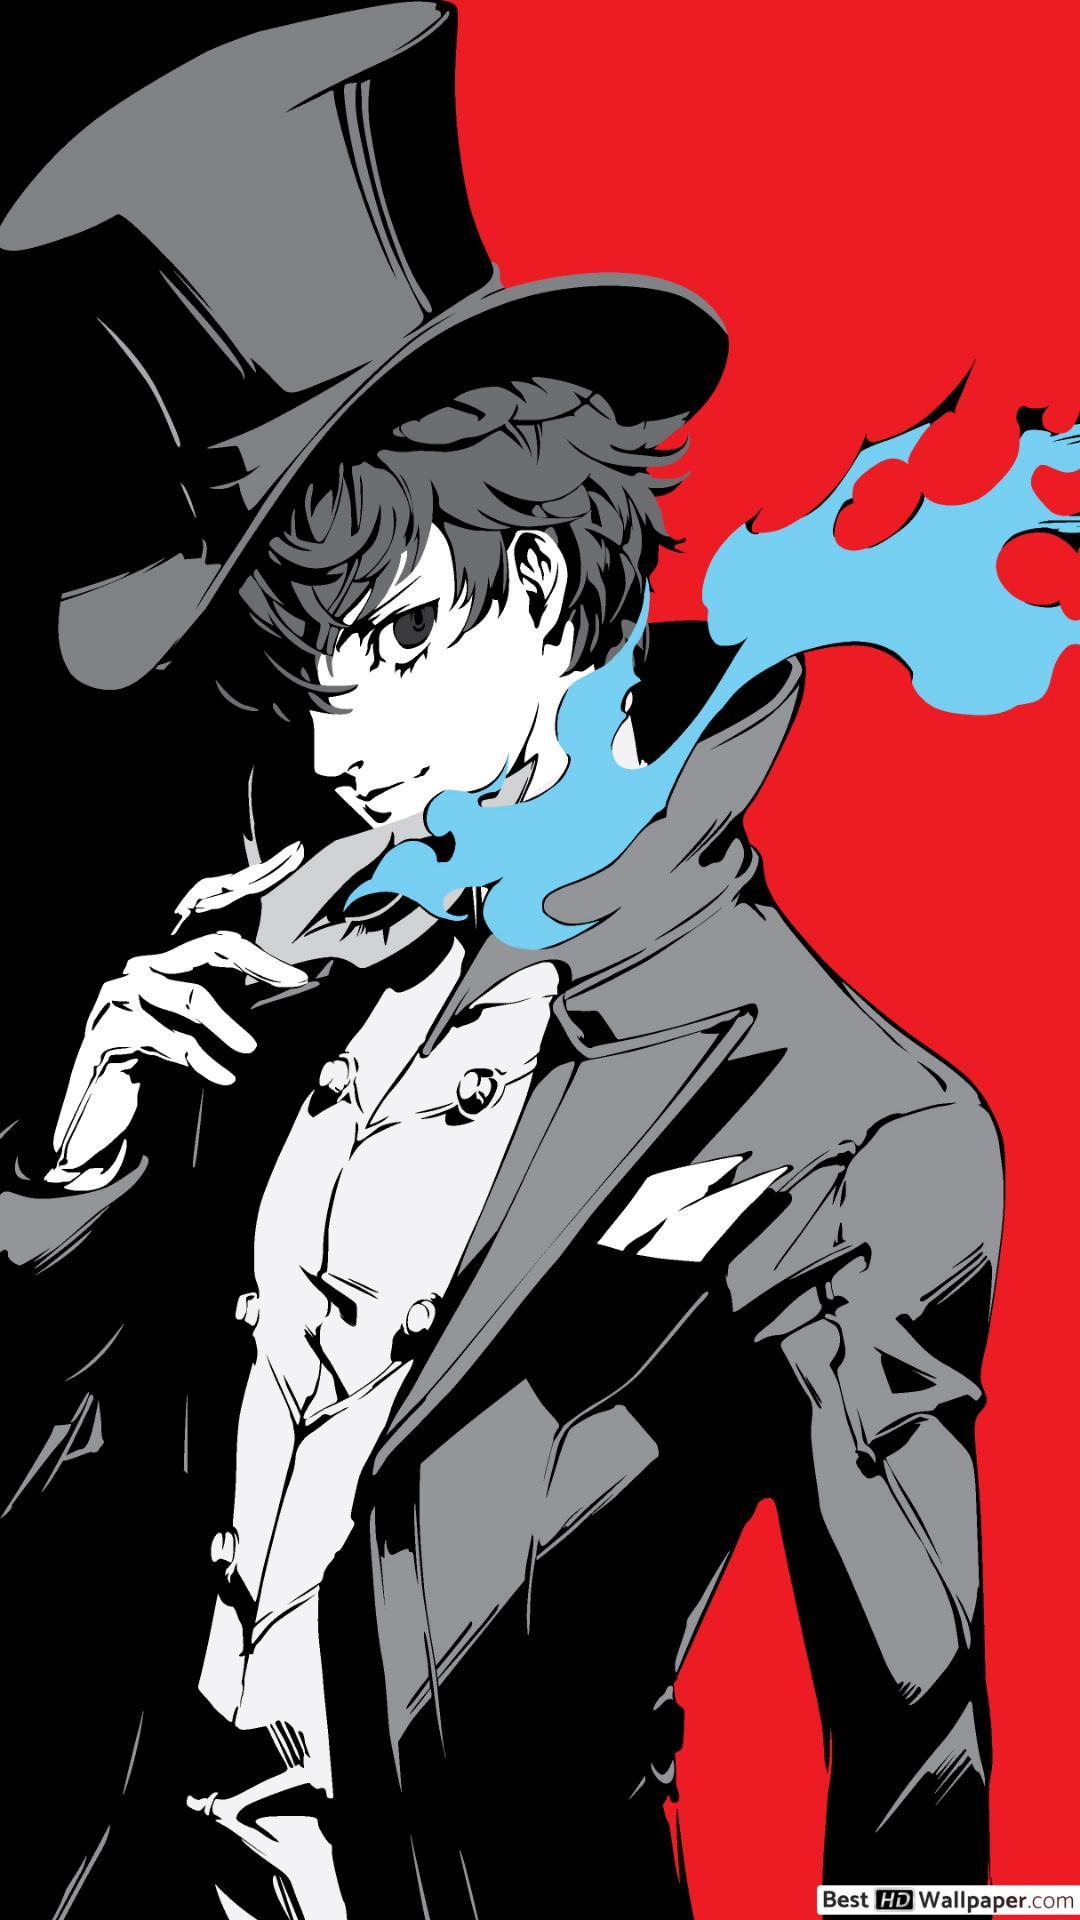 Persona 5 Joker Anime 1080x19 Wallpaper Teahub Io